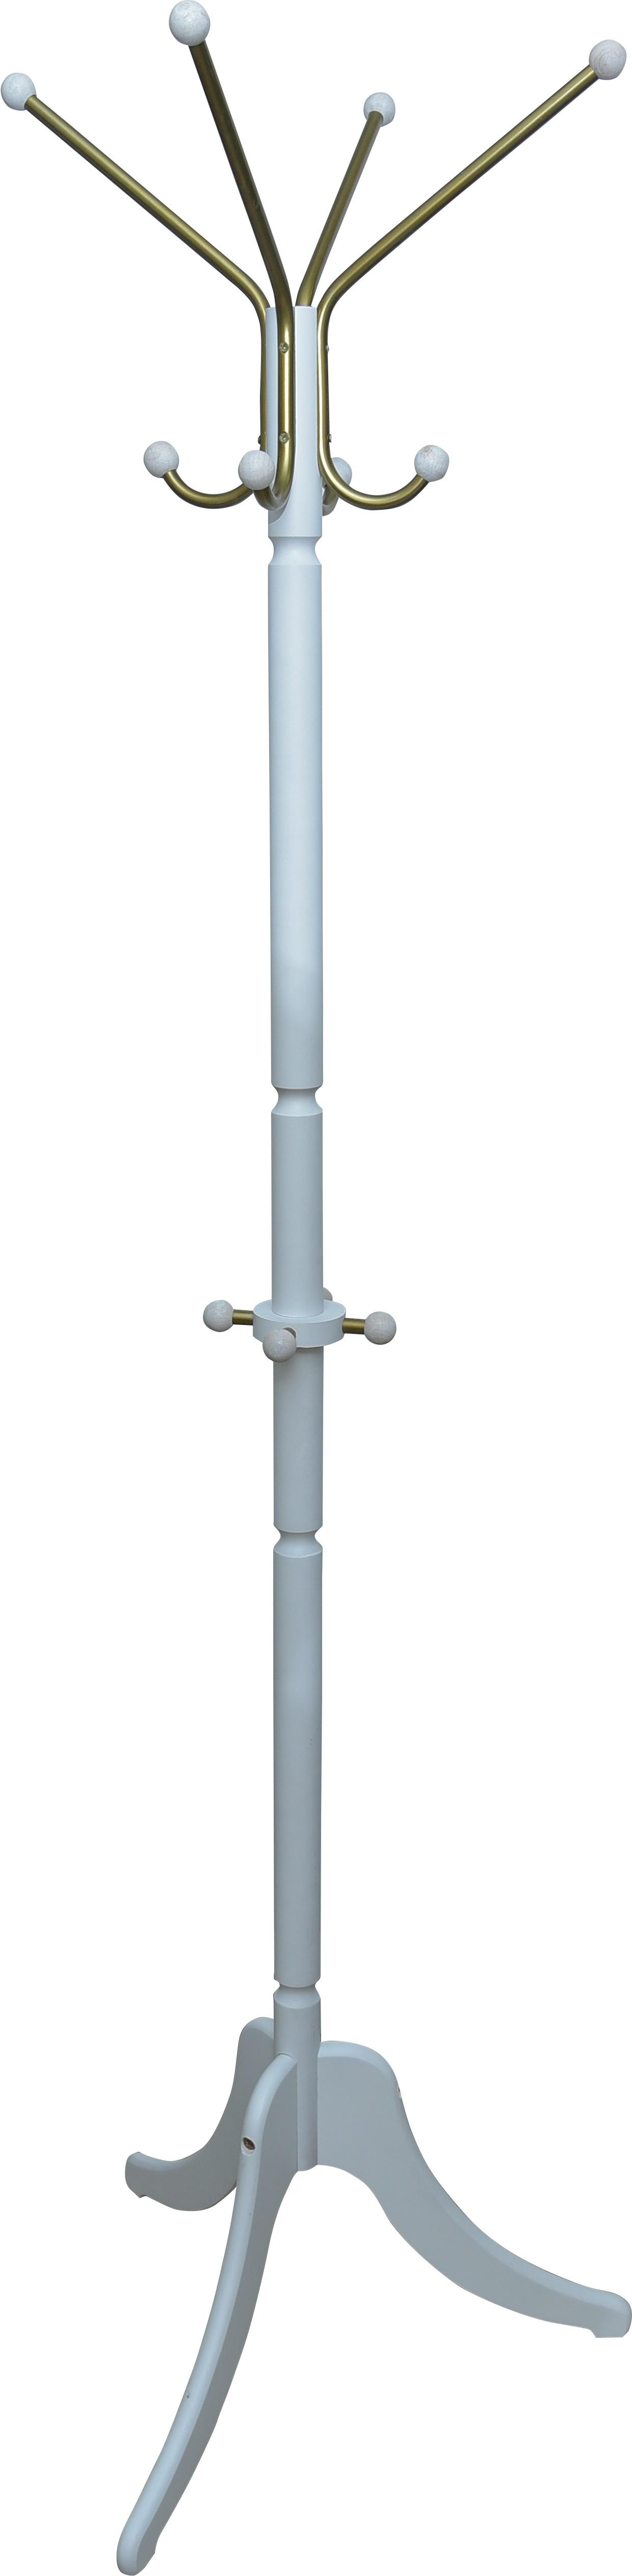 Вешалка напольная Прайм Модель 6, белый